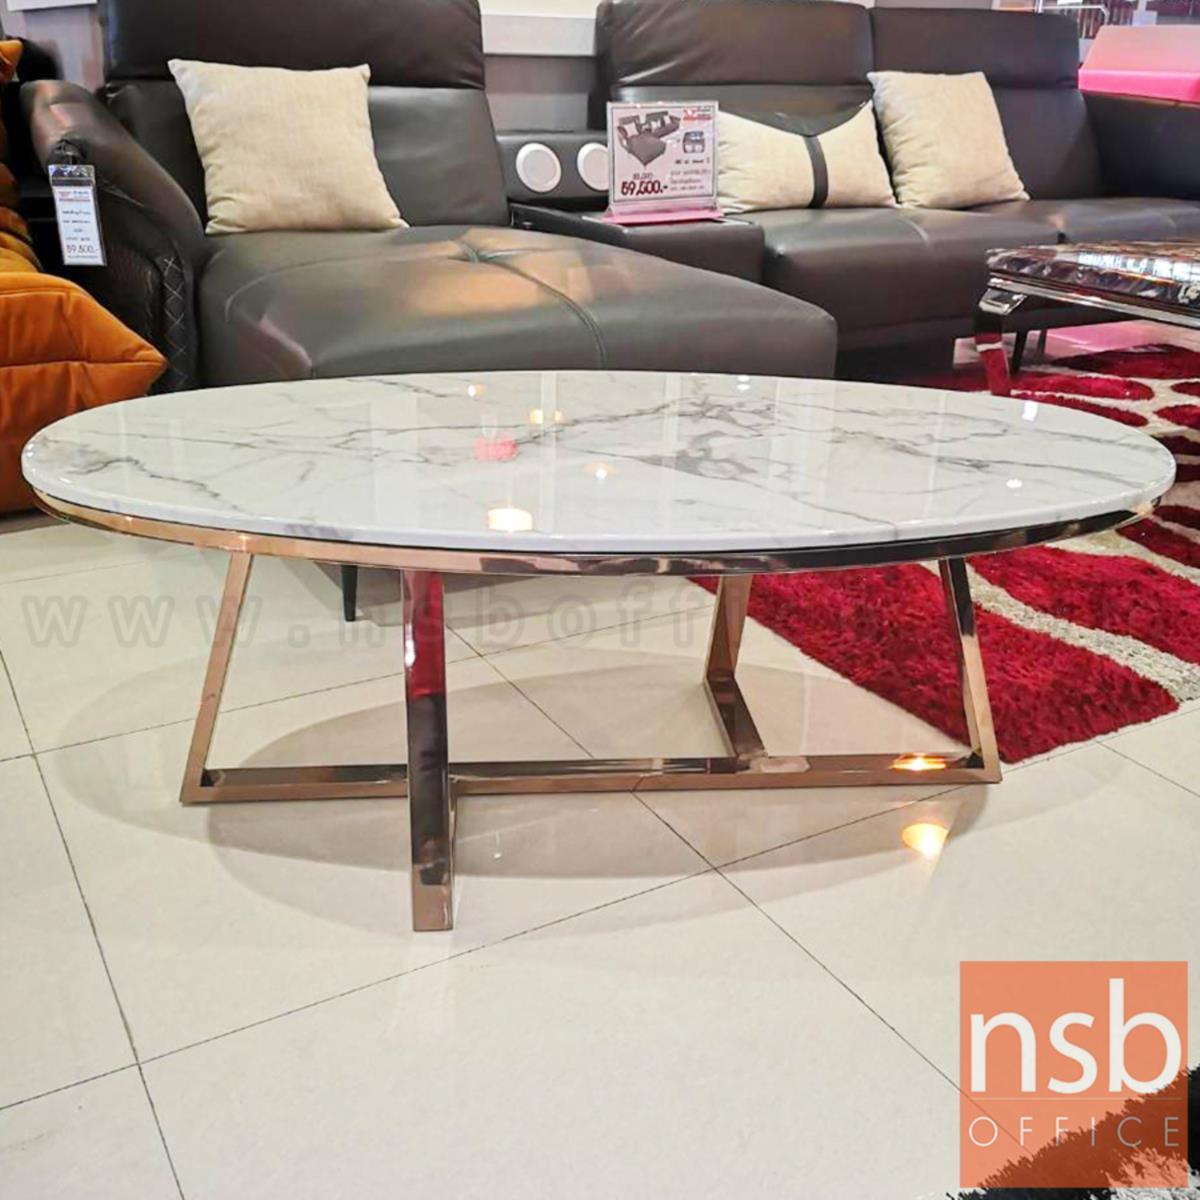 โต๊ะกลางหินอ่อน รุ่น Malibu (มาลิบู)  ขาสีพิ้งค์โกลด์